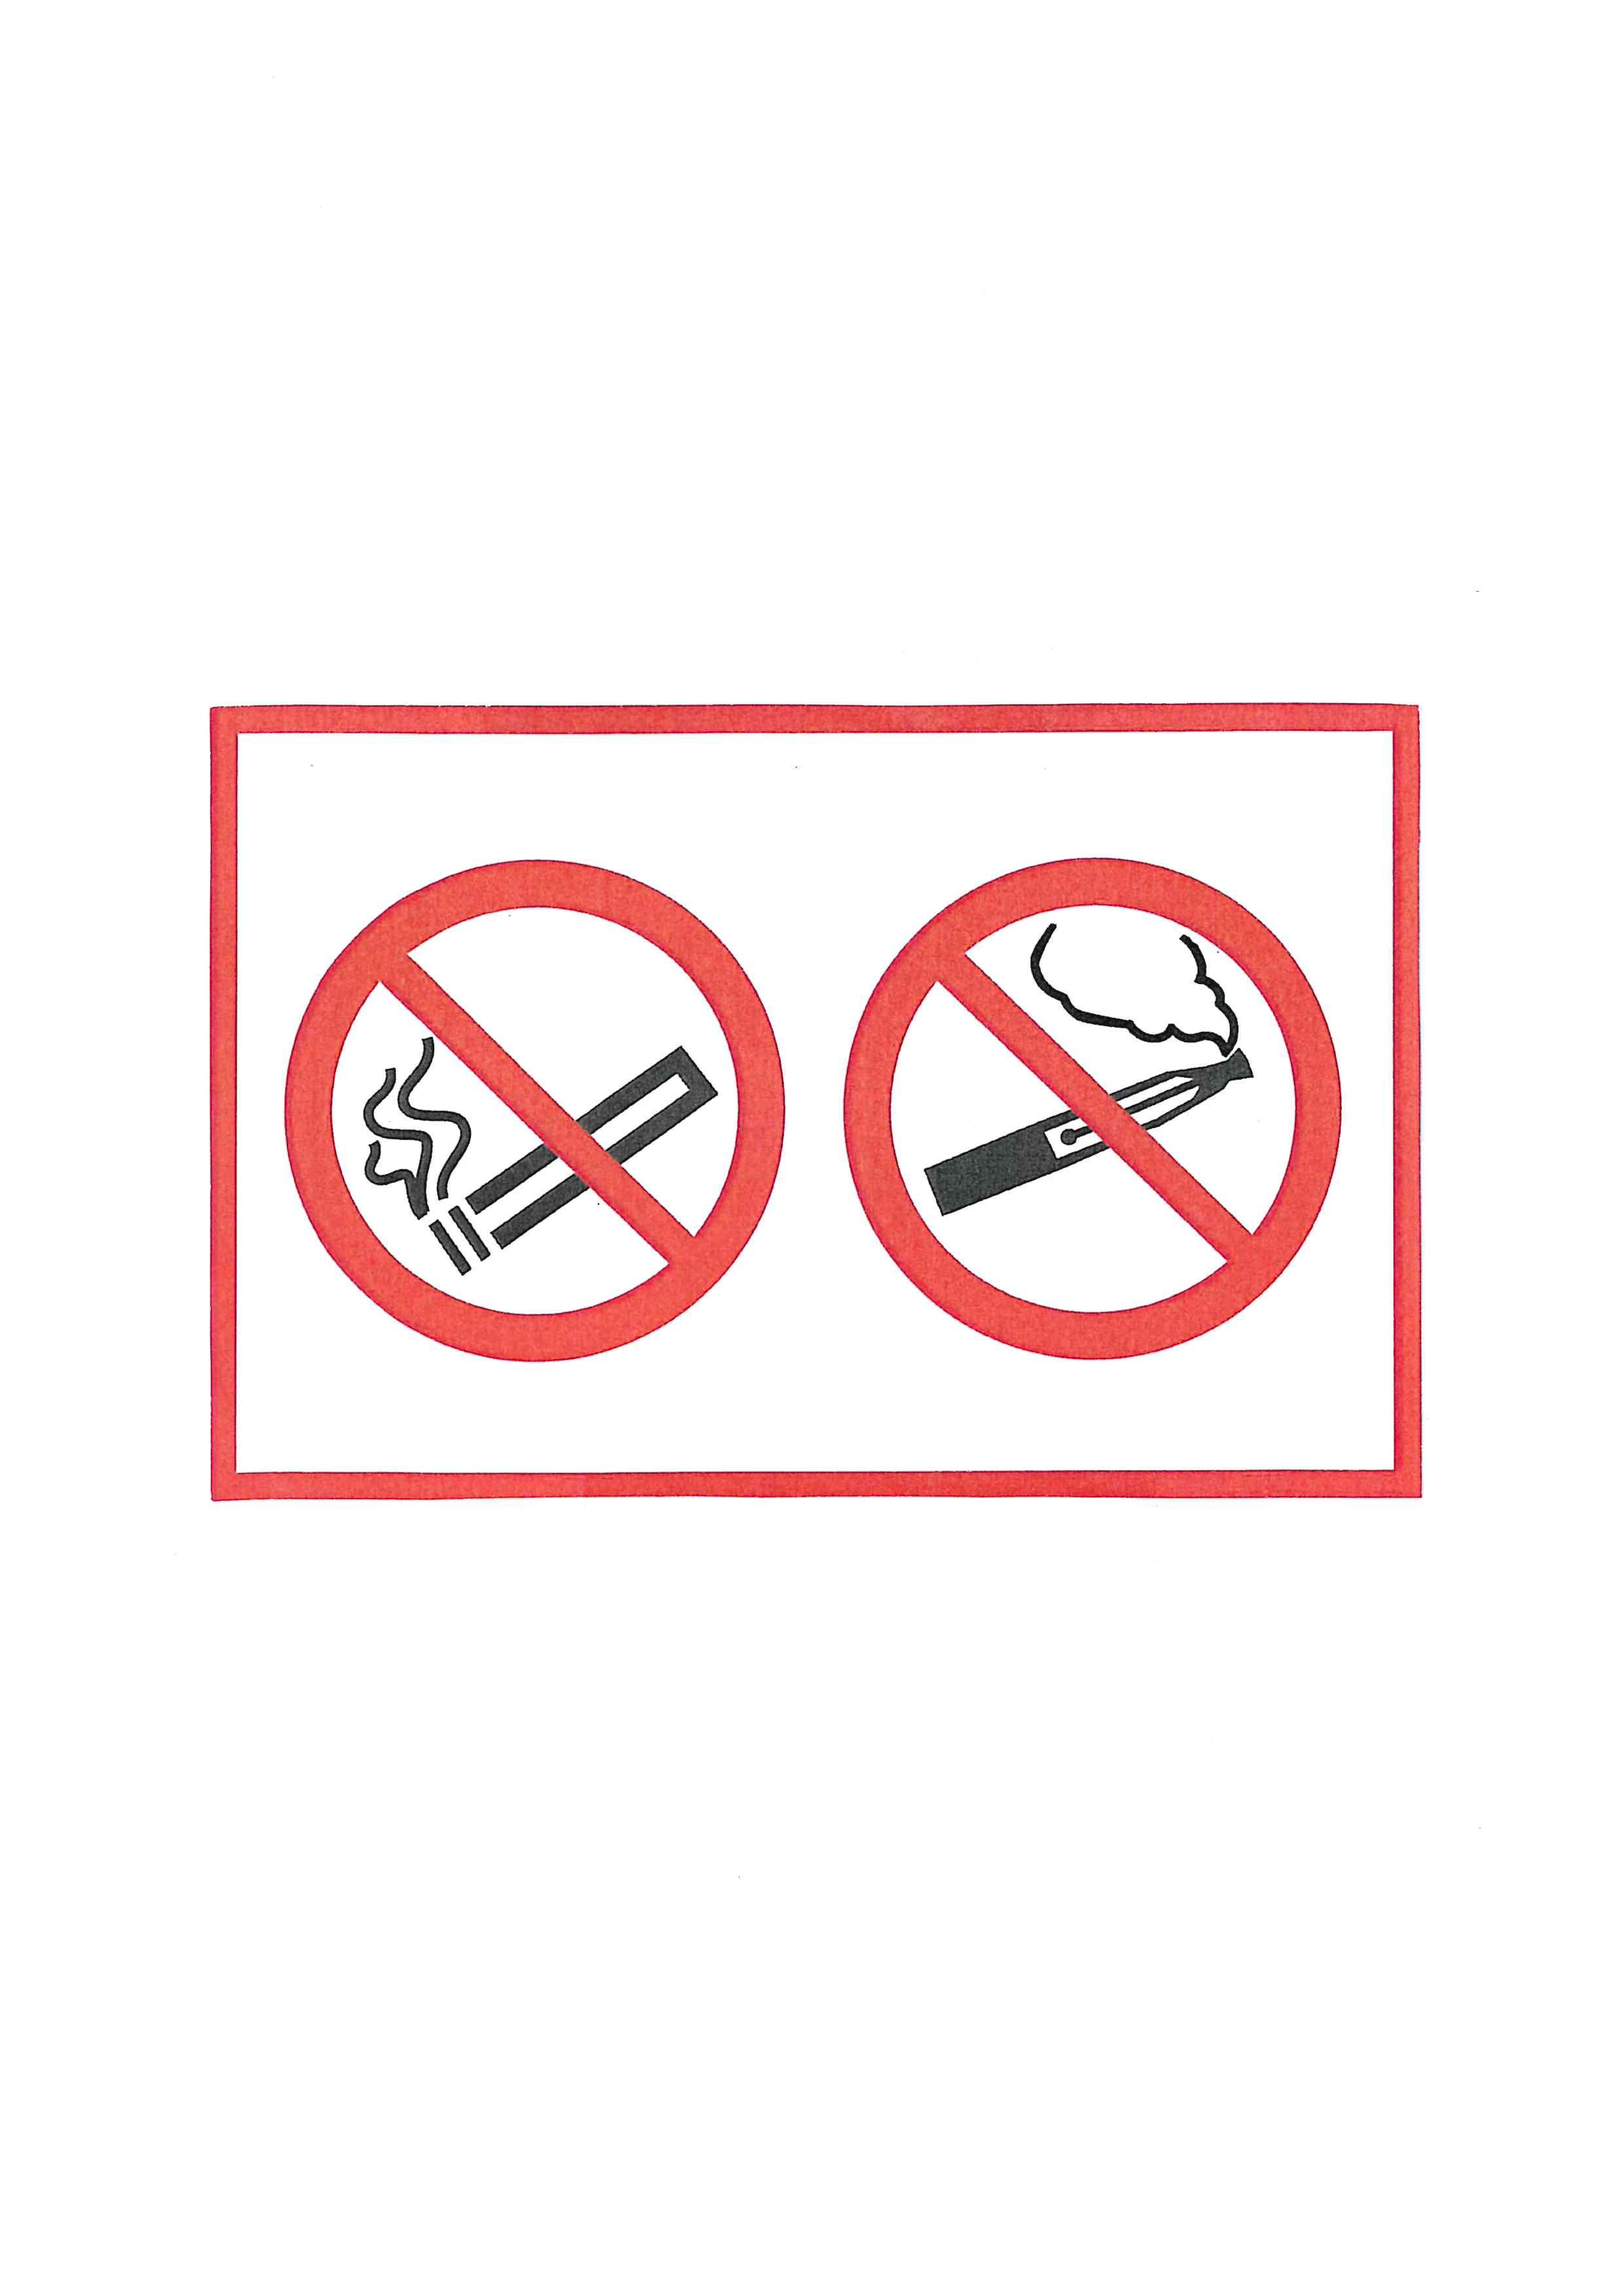 Piktogramm V20780: Rauchverbot und Verbot für elektrische Zigaretten